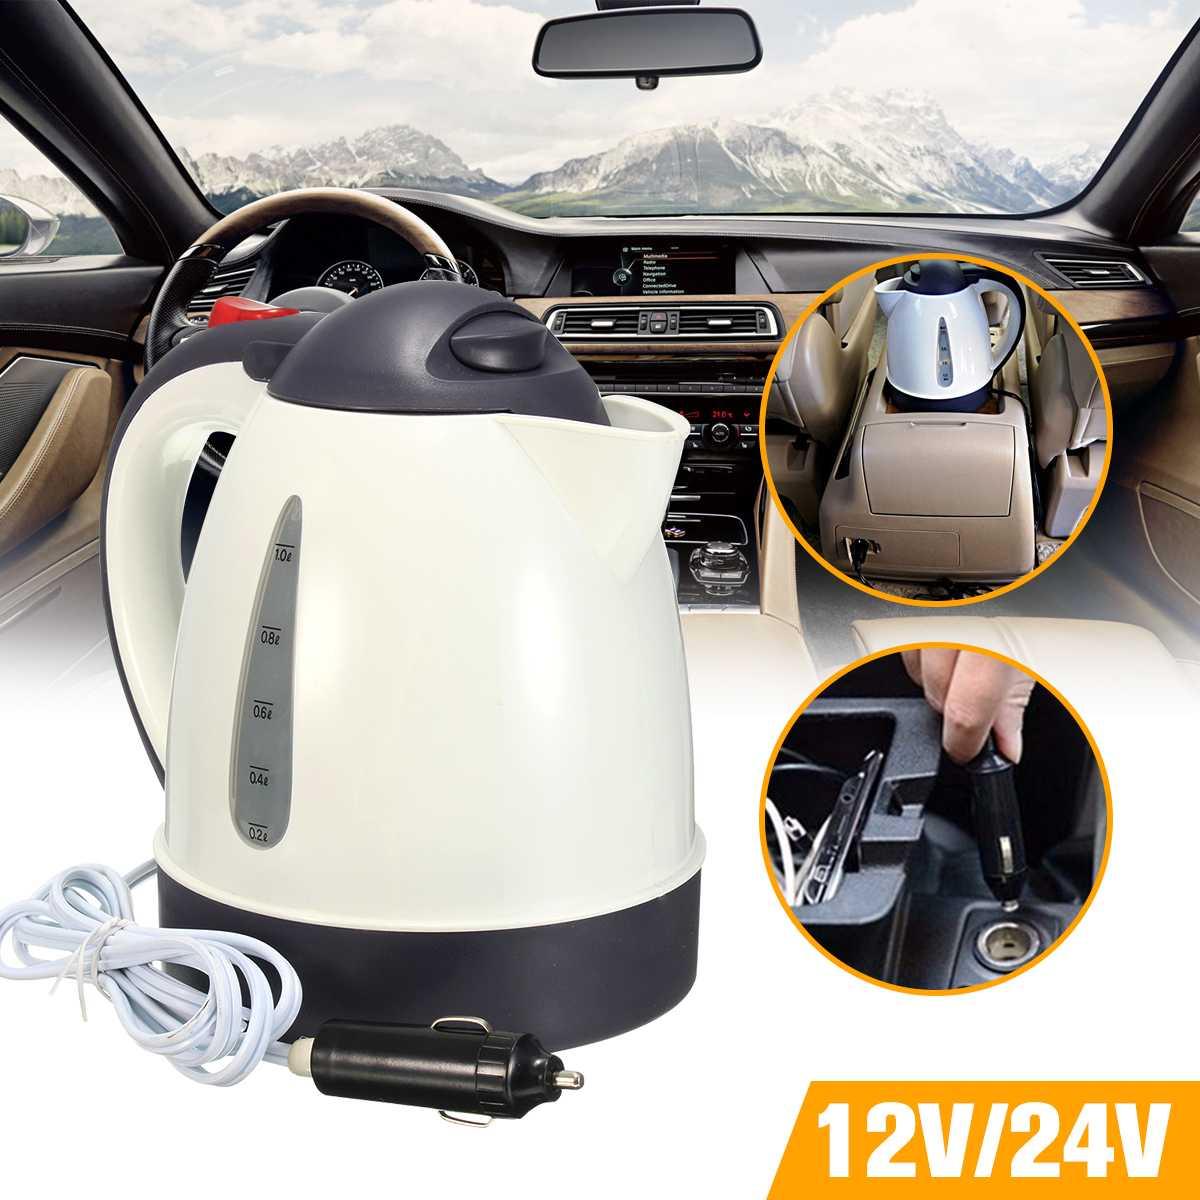 1000 ml 304 acier inoxydable voiture bouilloire Portable Auto voiture chauffe-eau voyage Mains bouilloire 12 V/24 V pour café chaud thé